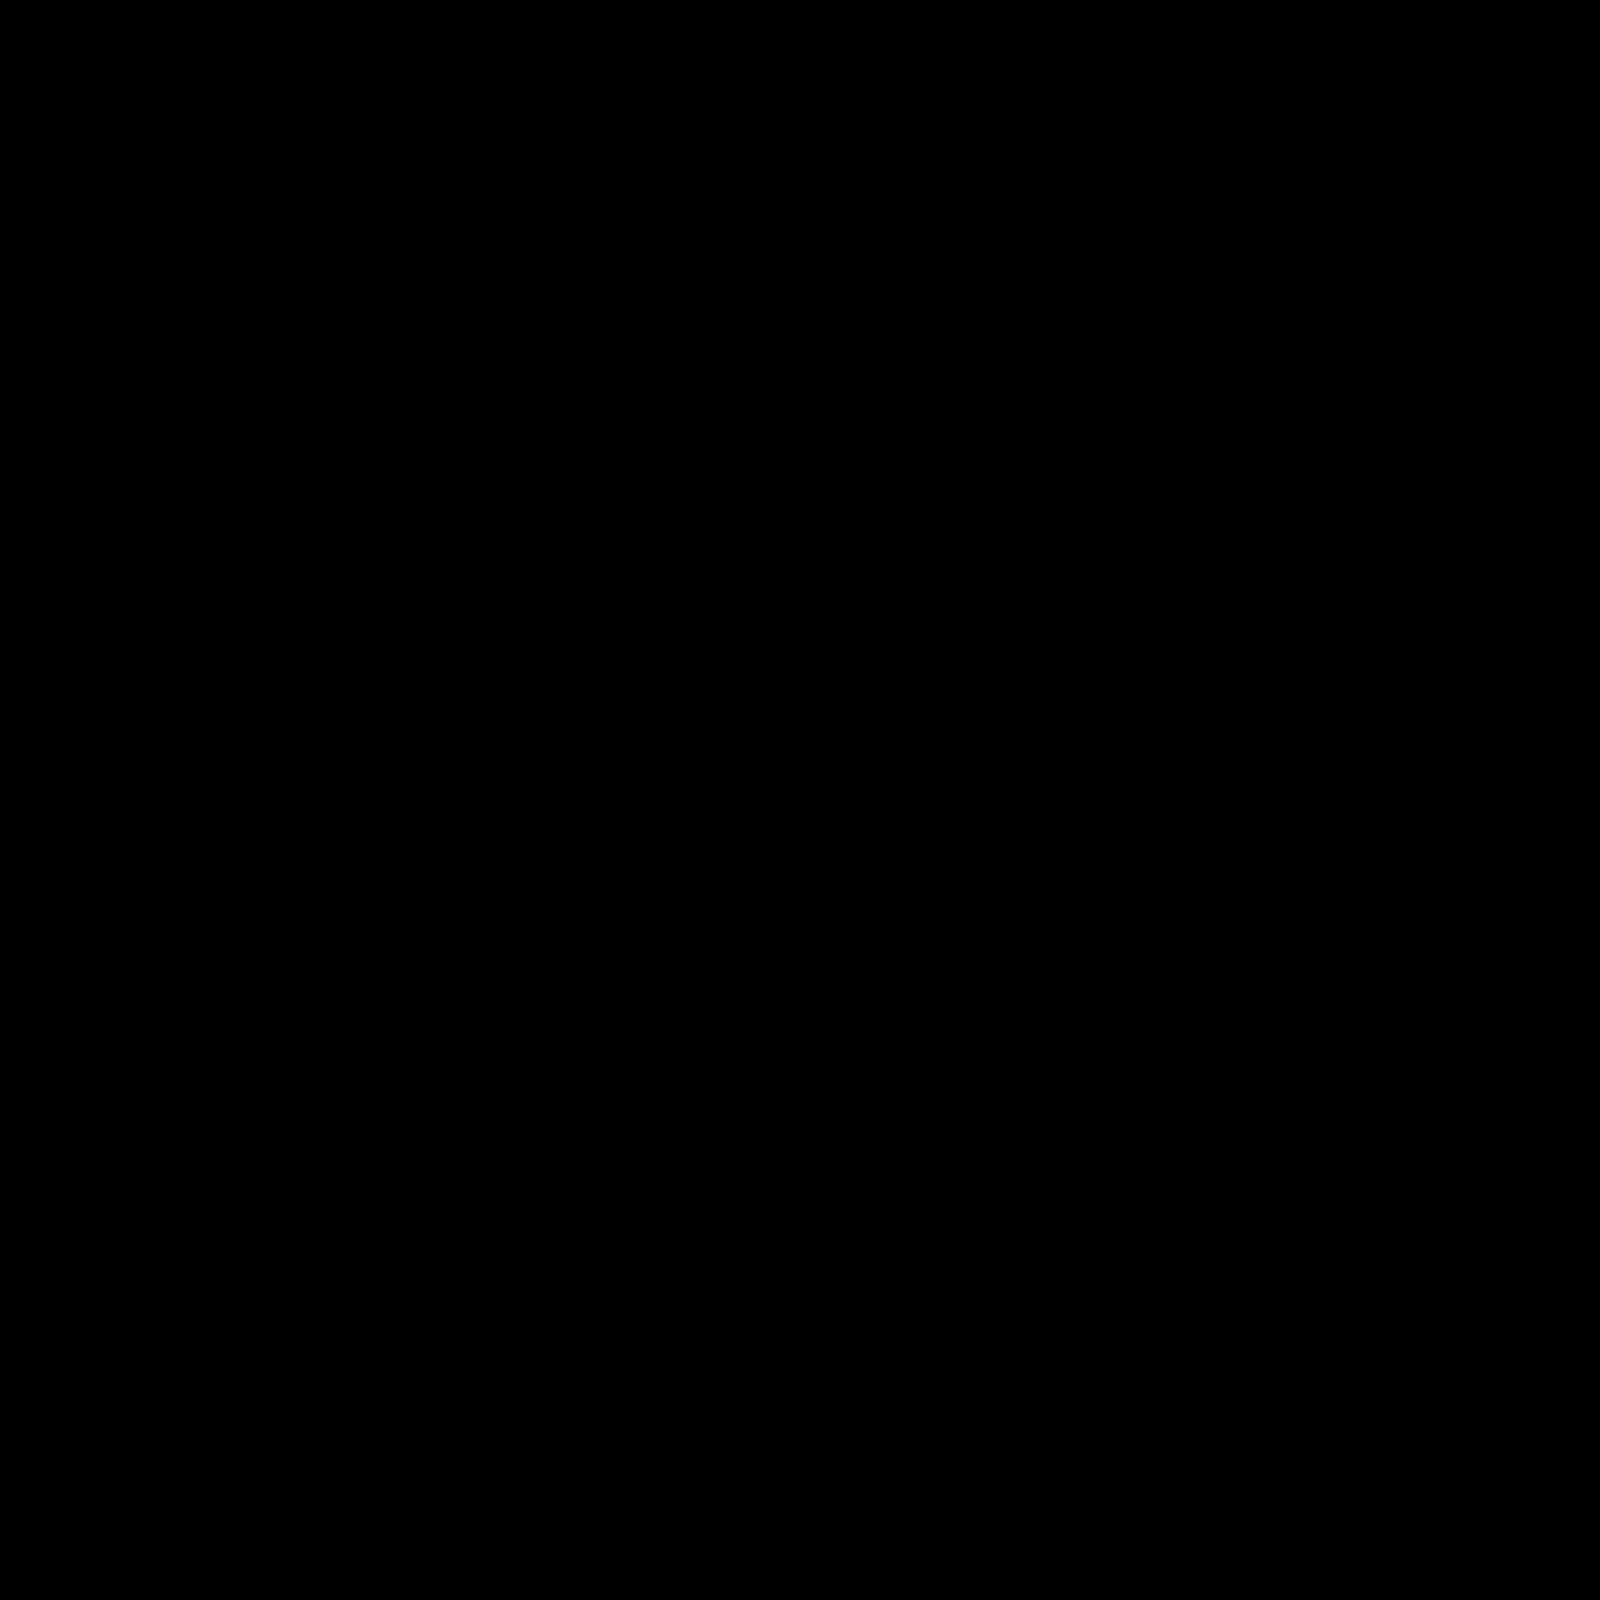 цена на Заготовка для декорирования Buratini Рамка-фотопленка, DZ71015